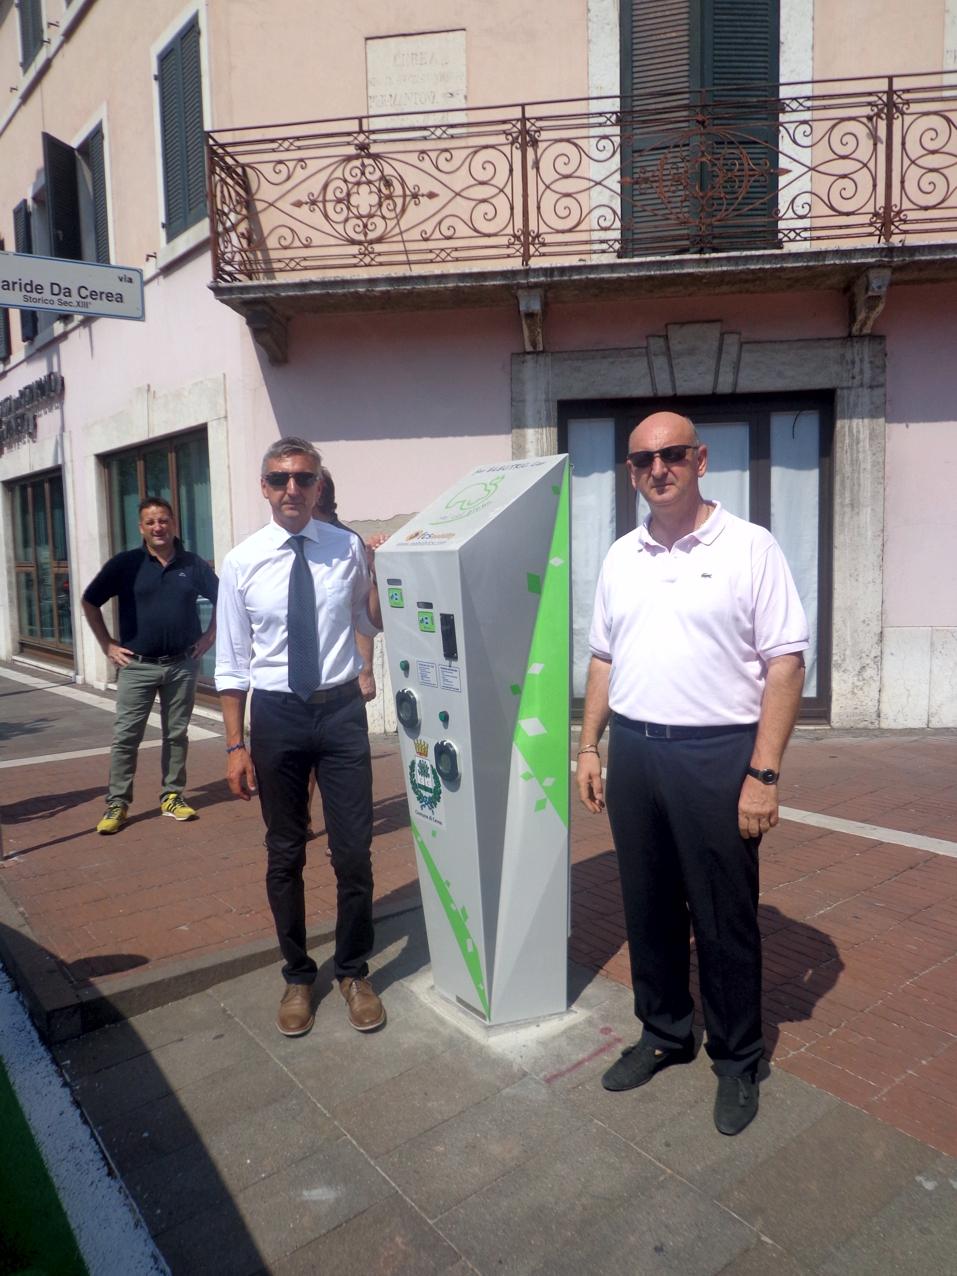 Inaugurazione CEREA (VR). A sx Mauro Inzoli di FCS Mobility, a dx Paolo Marconcini, il Sindaco di Cerea